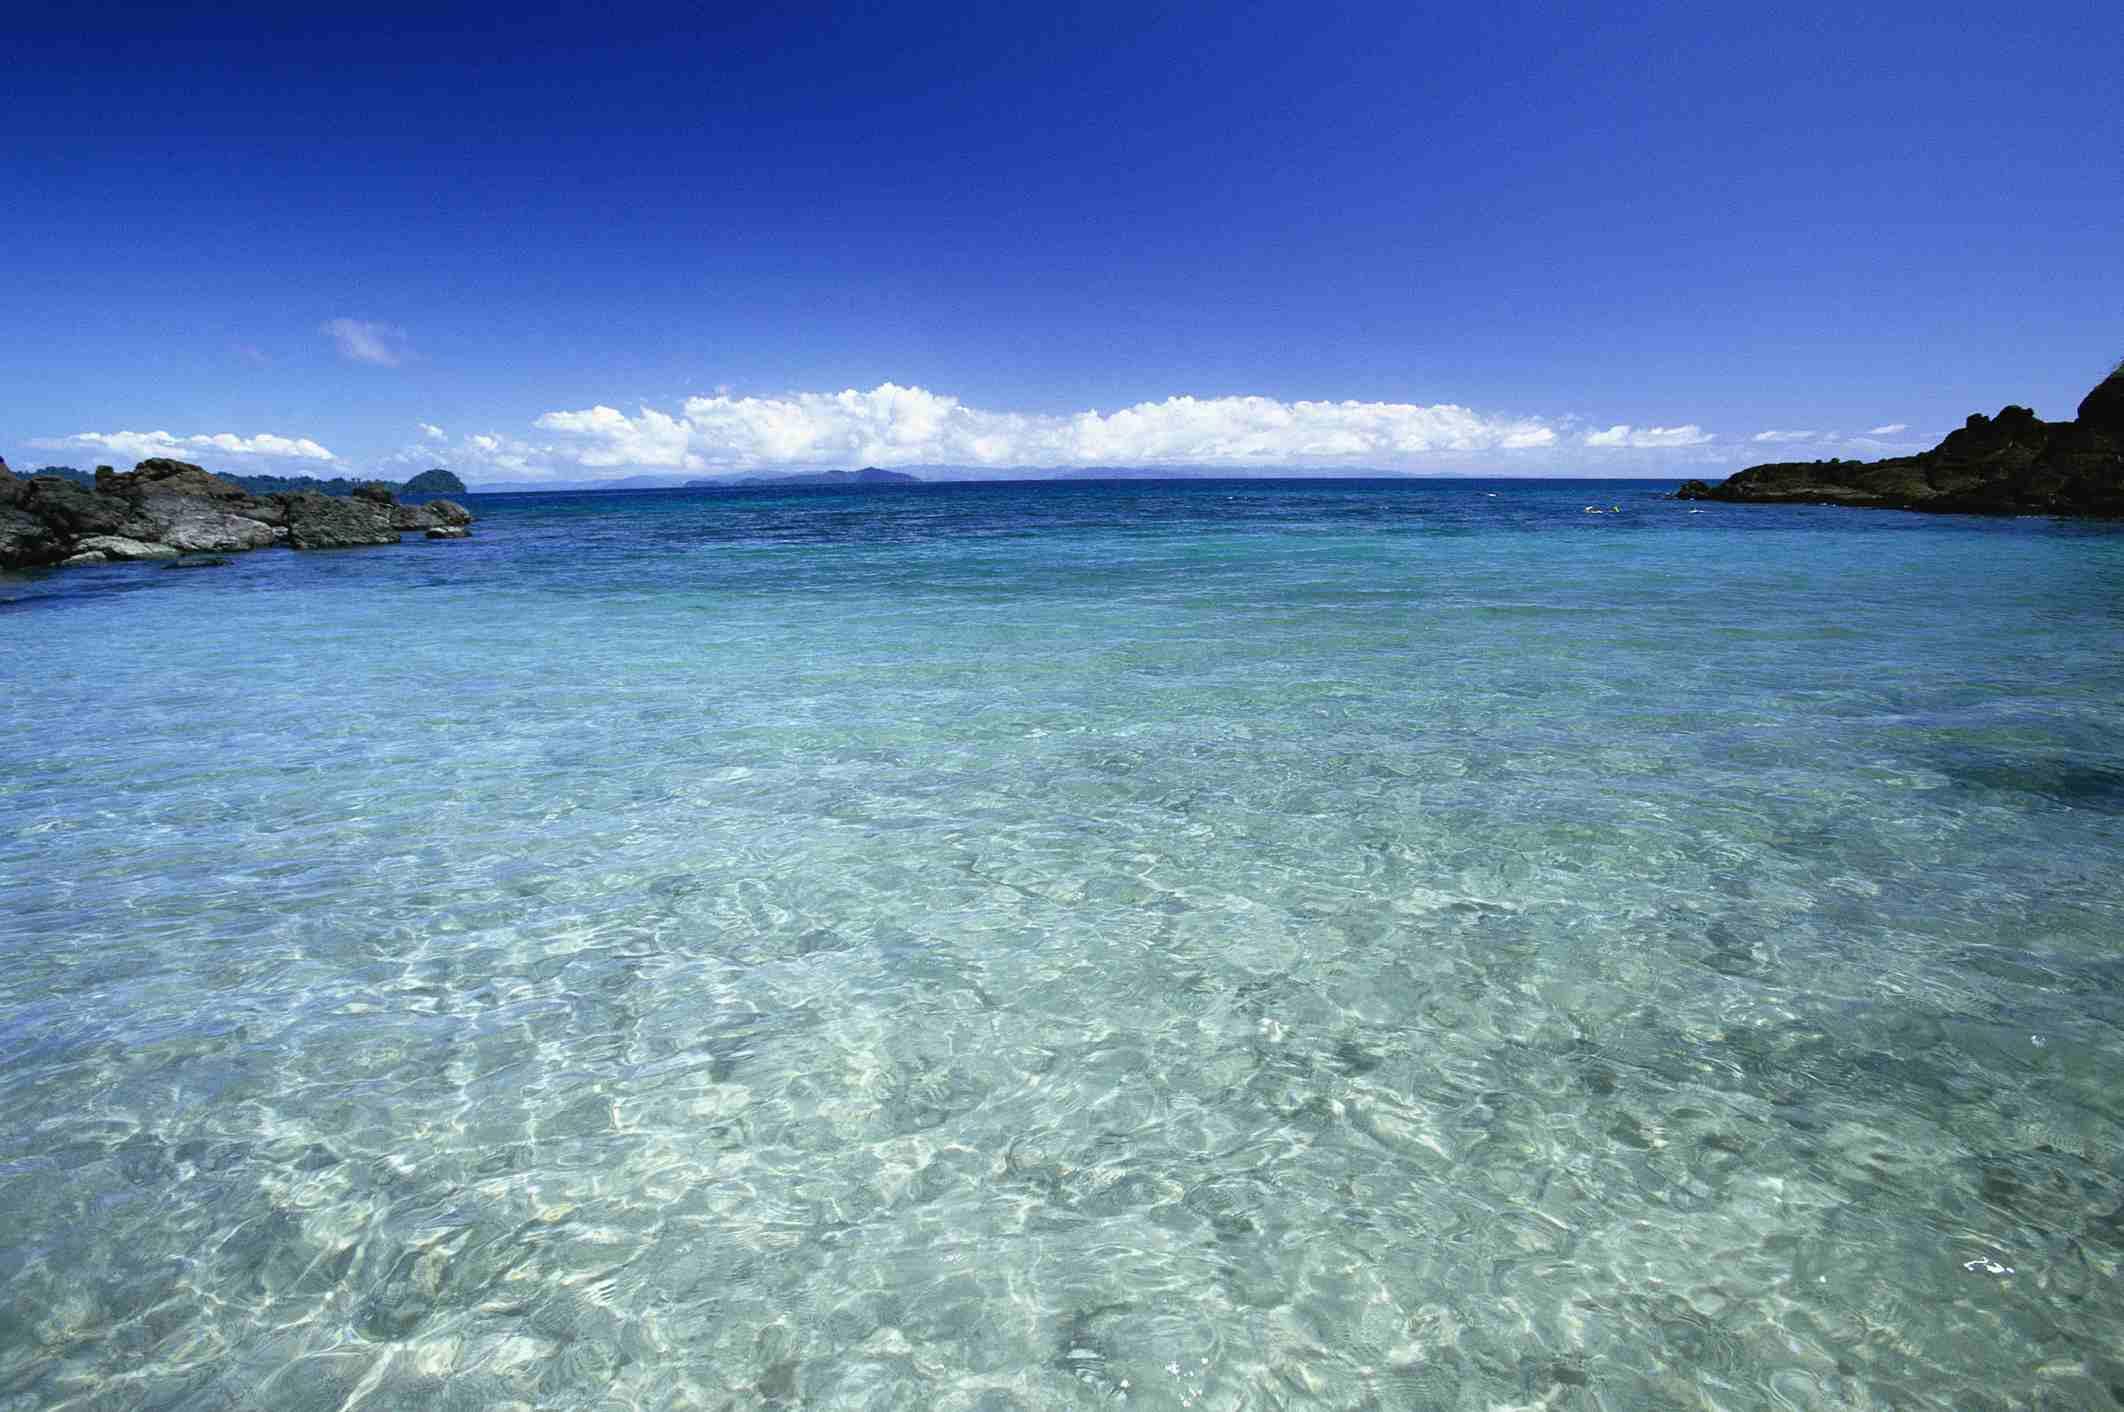 Pacific Ocean from Isla Coiba